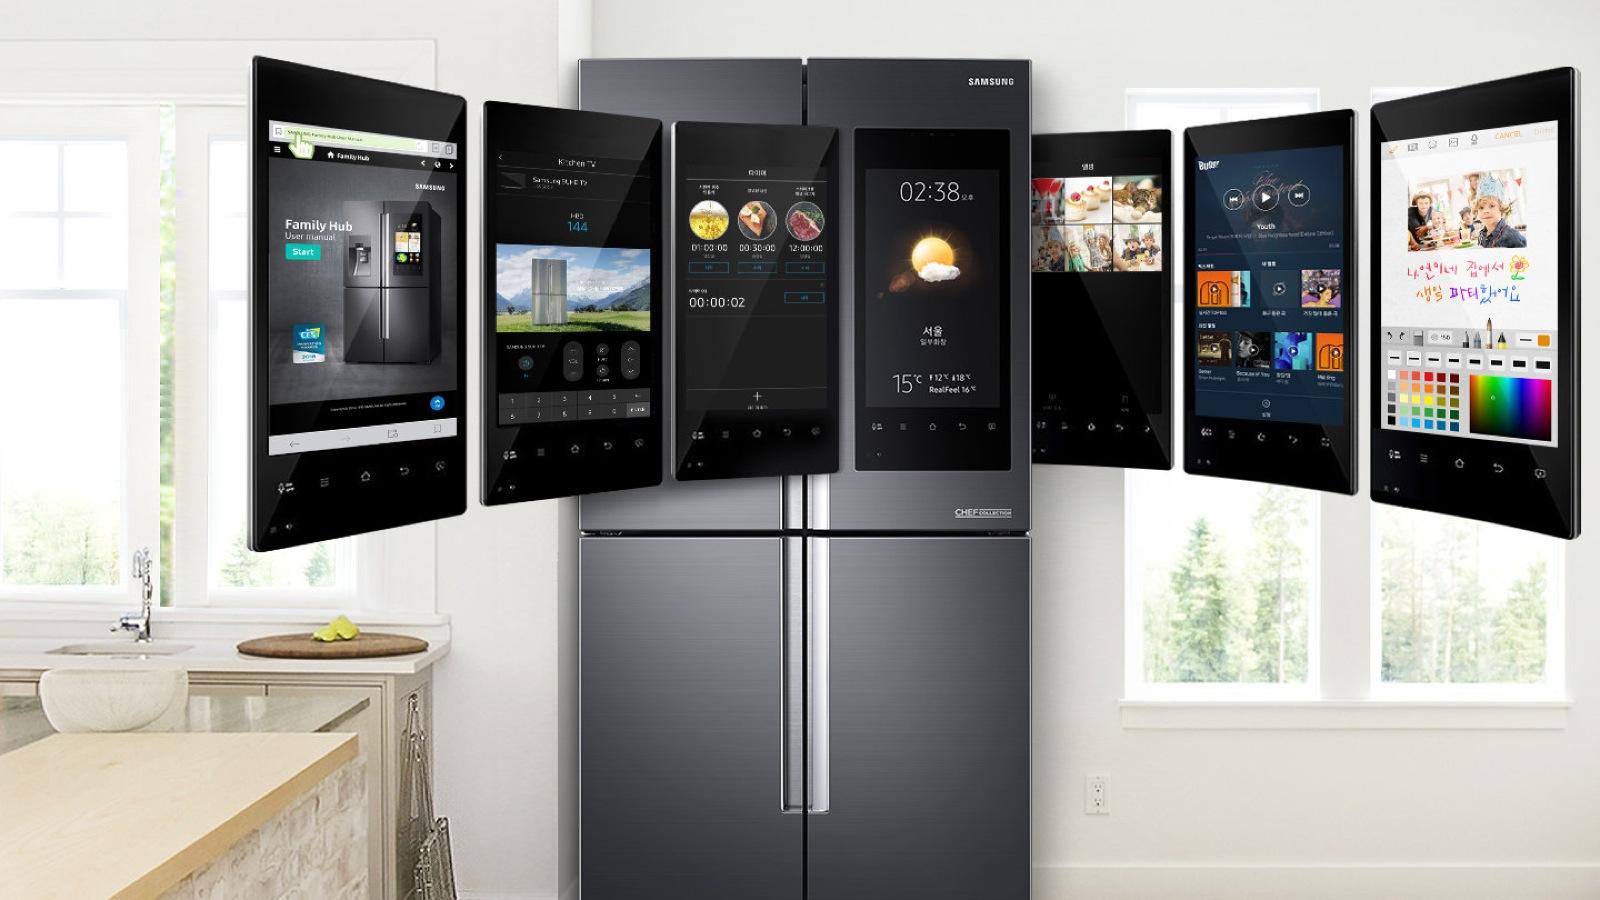 Samsung: Power breaker 5